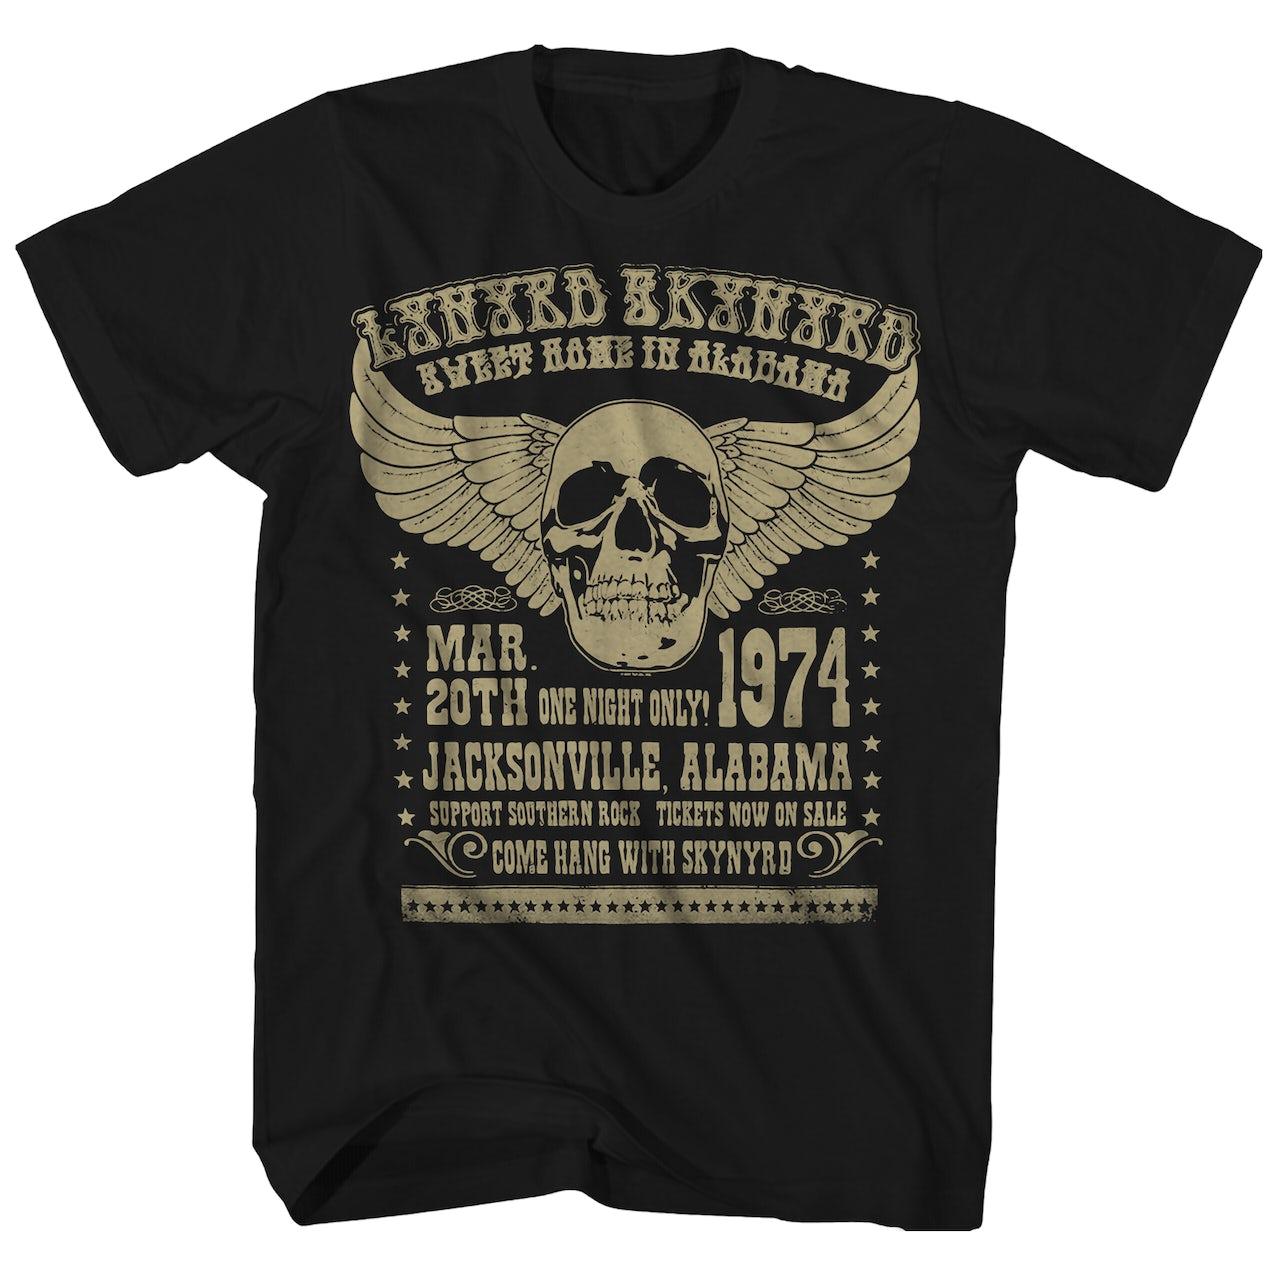 lynyrd skynyrd t shirt 74 alabama concert lynyrd skynyrd t shirt reissue. Black Bedroom Furniture Sets. Home Design Ideas